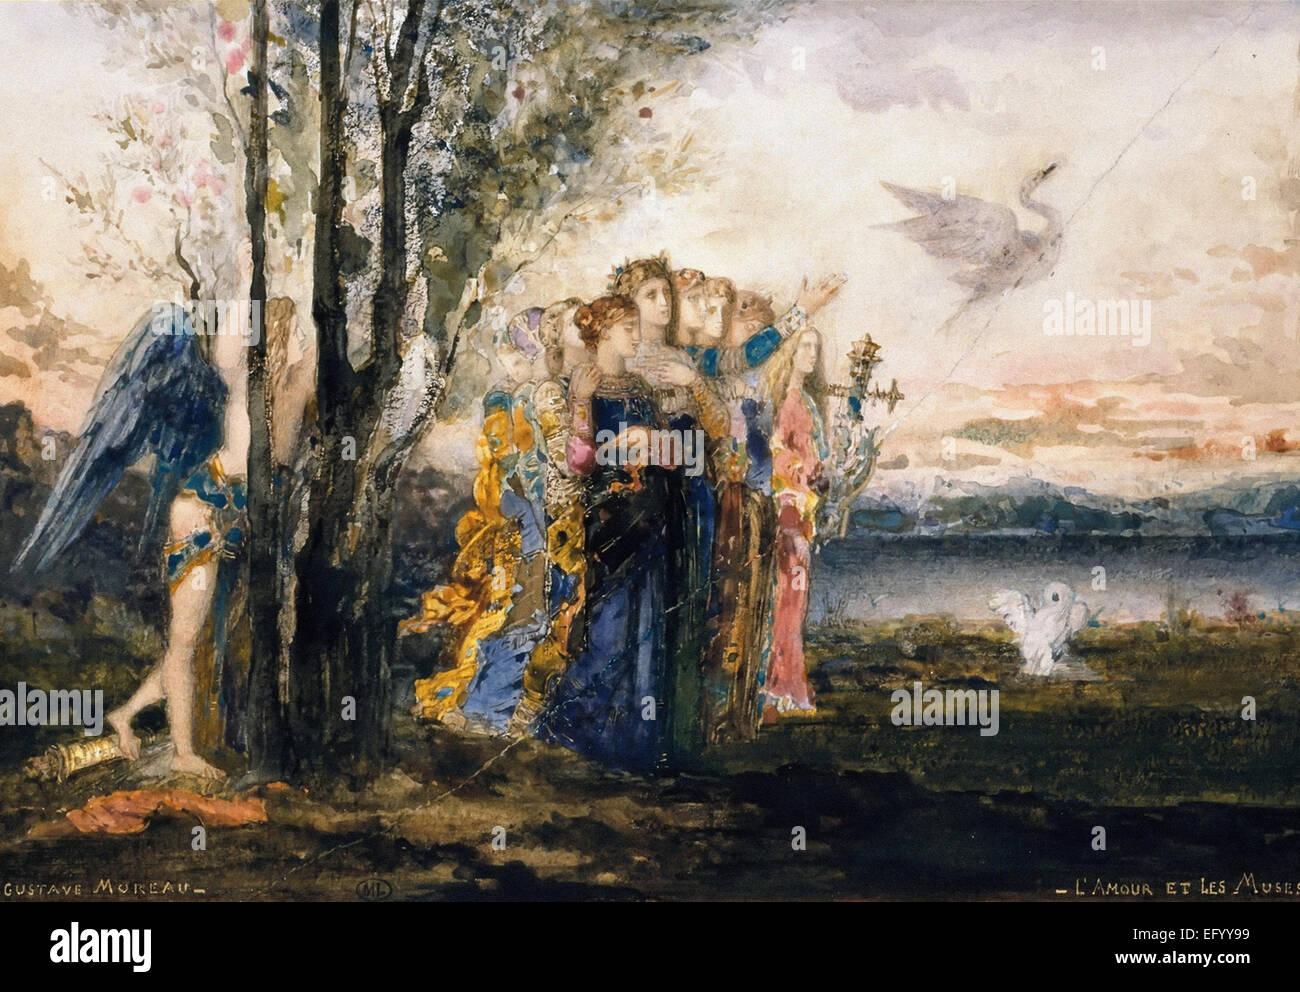 Gustave Moreau  L'Amour et les Muses - Stock Image